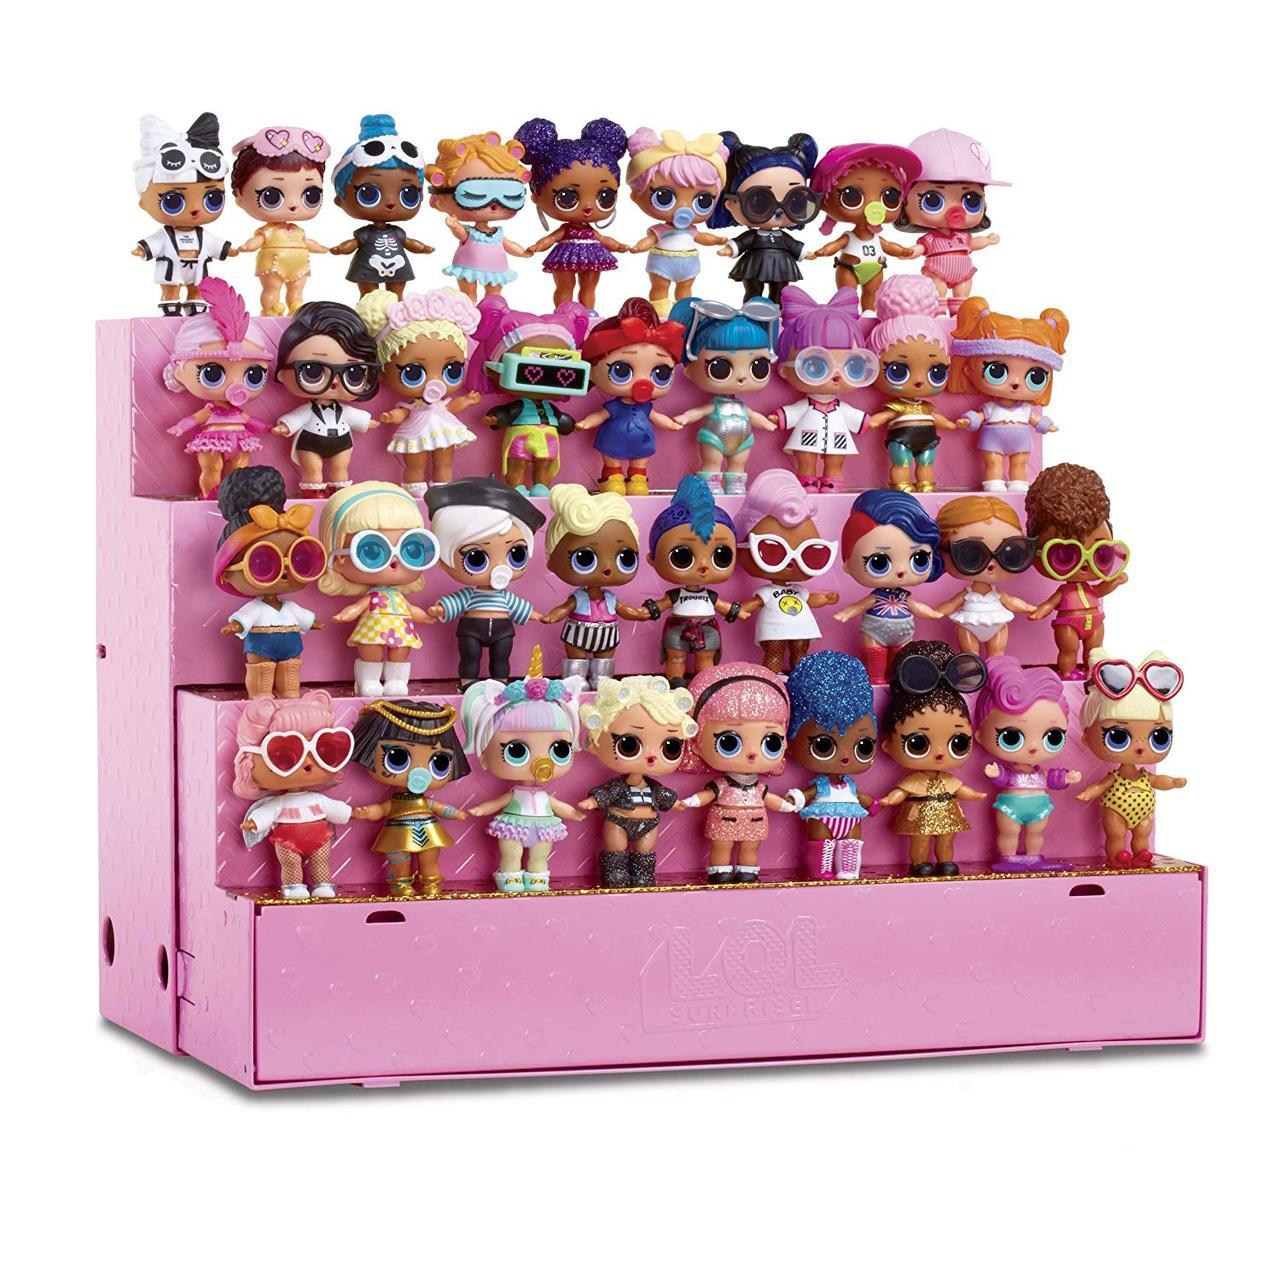 Игровой набор ЛОЛ Модный подиум 3 в 1 с куклой L.O.L. Surprise! Pop-Up Store 3 in 1